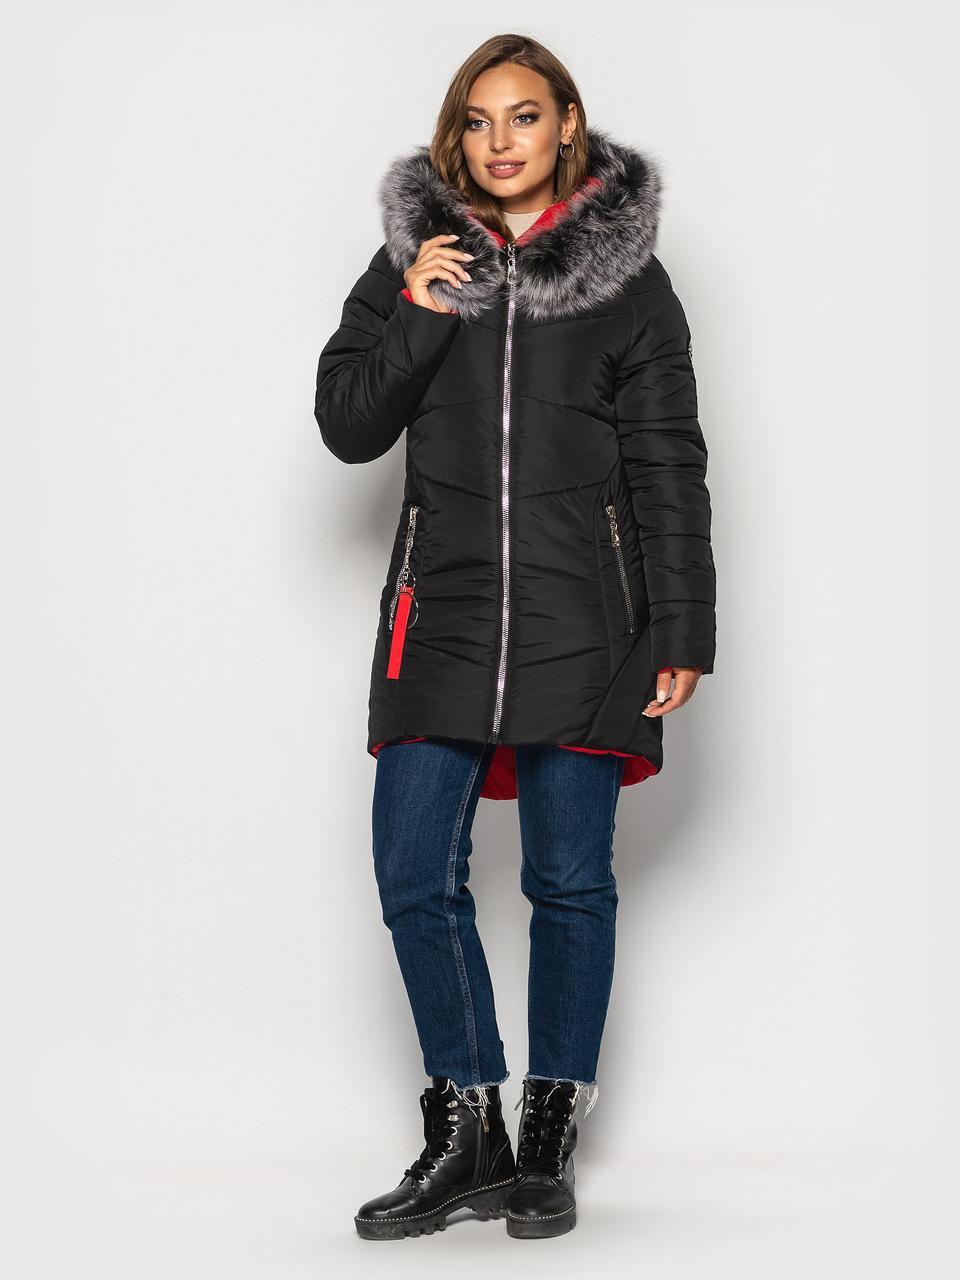 Теплая зимняя куртка Инесса черный (44-54)